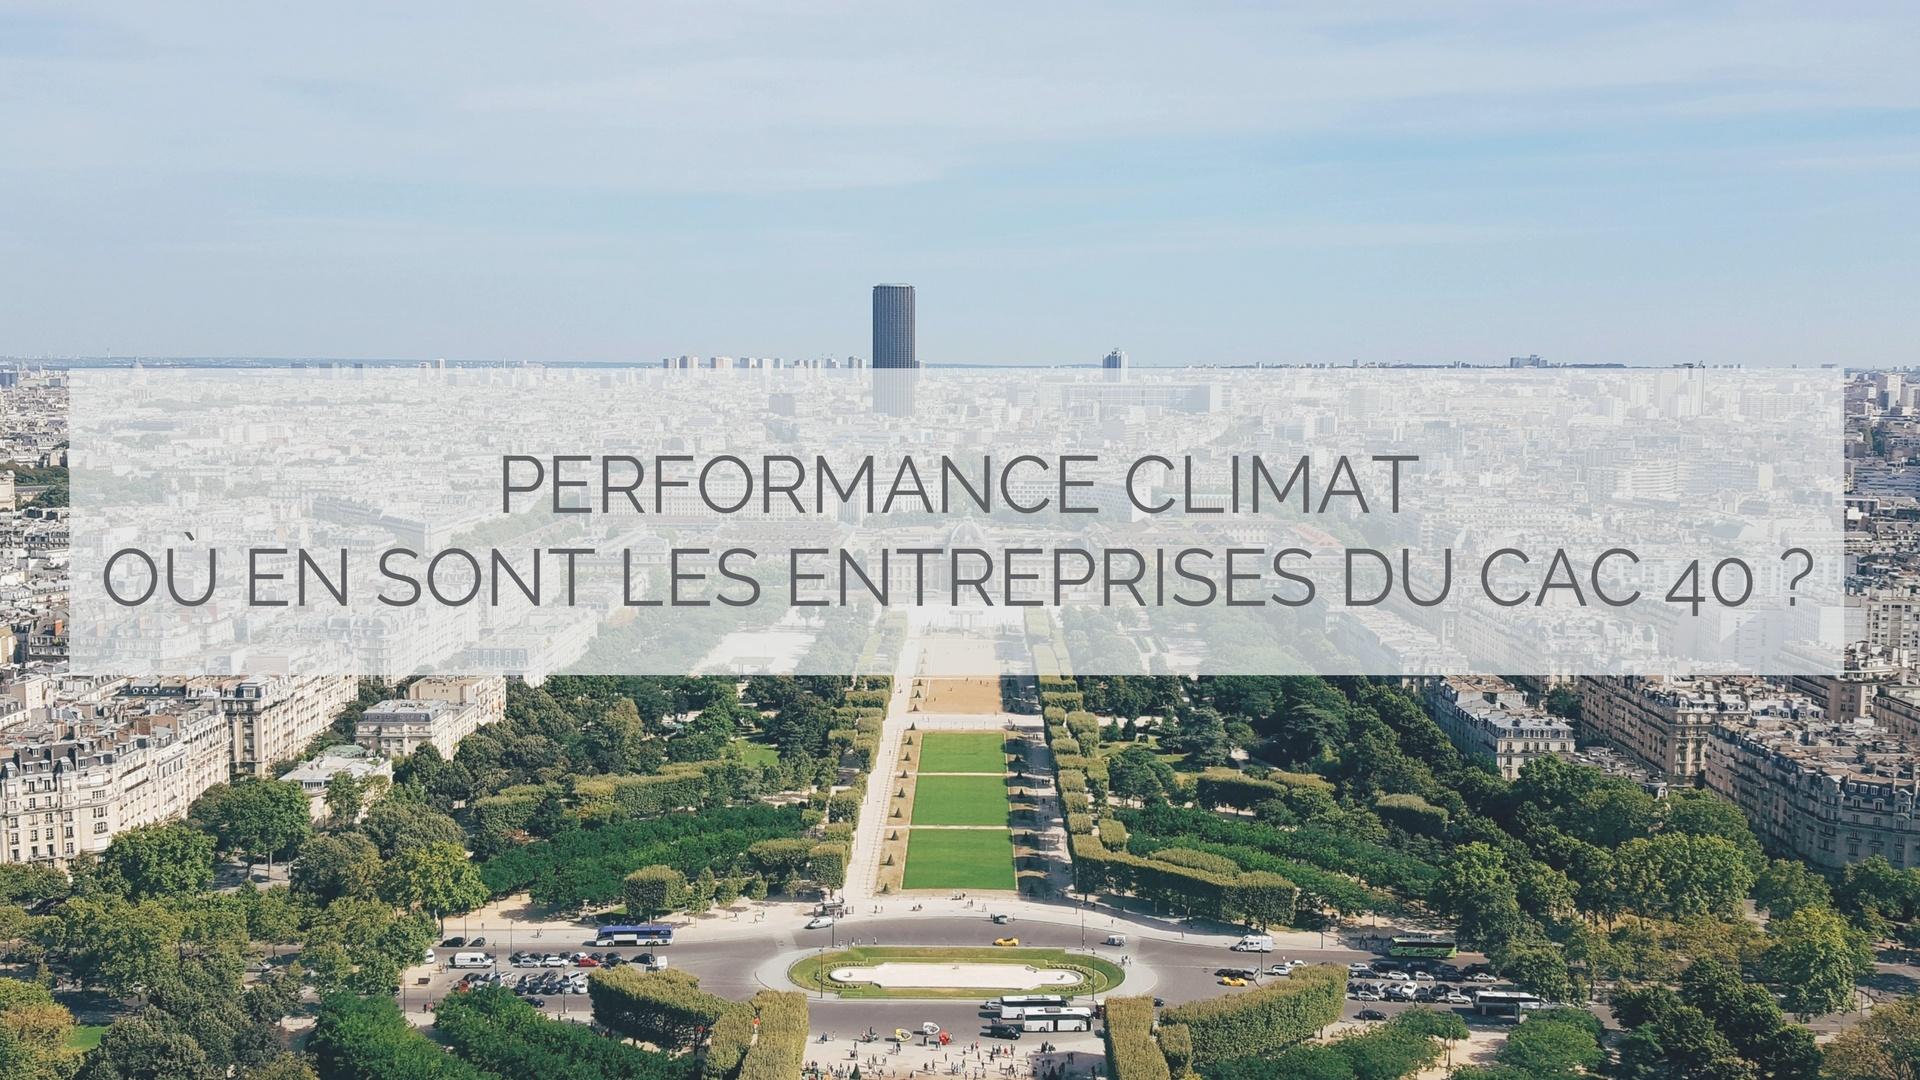 Performance climat  où en sont les entreprises du CAC 40 - image.jpg